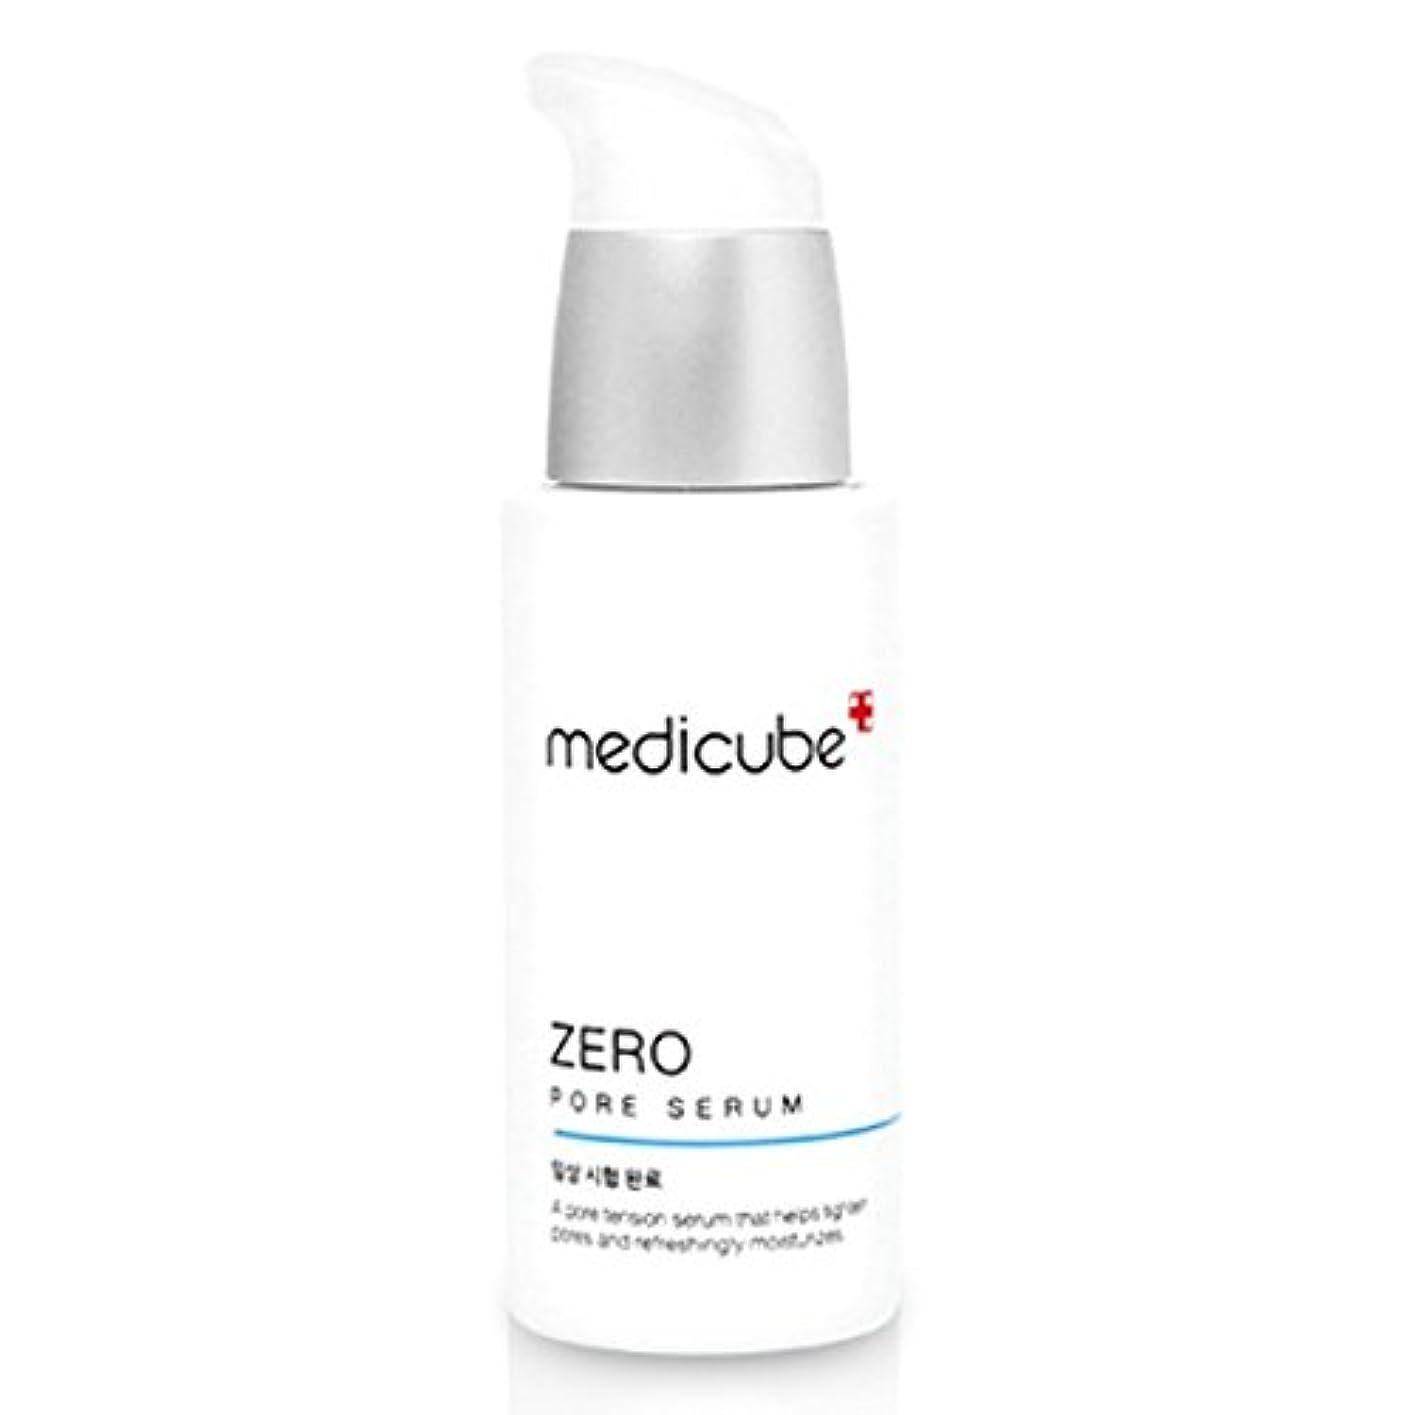 ベテランスティーブンソンいちゃつく[Medicube メディキューブ] ゼロポアセラム 27ml / Zero Pore Serum 27ml [並行輸入品]